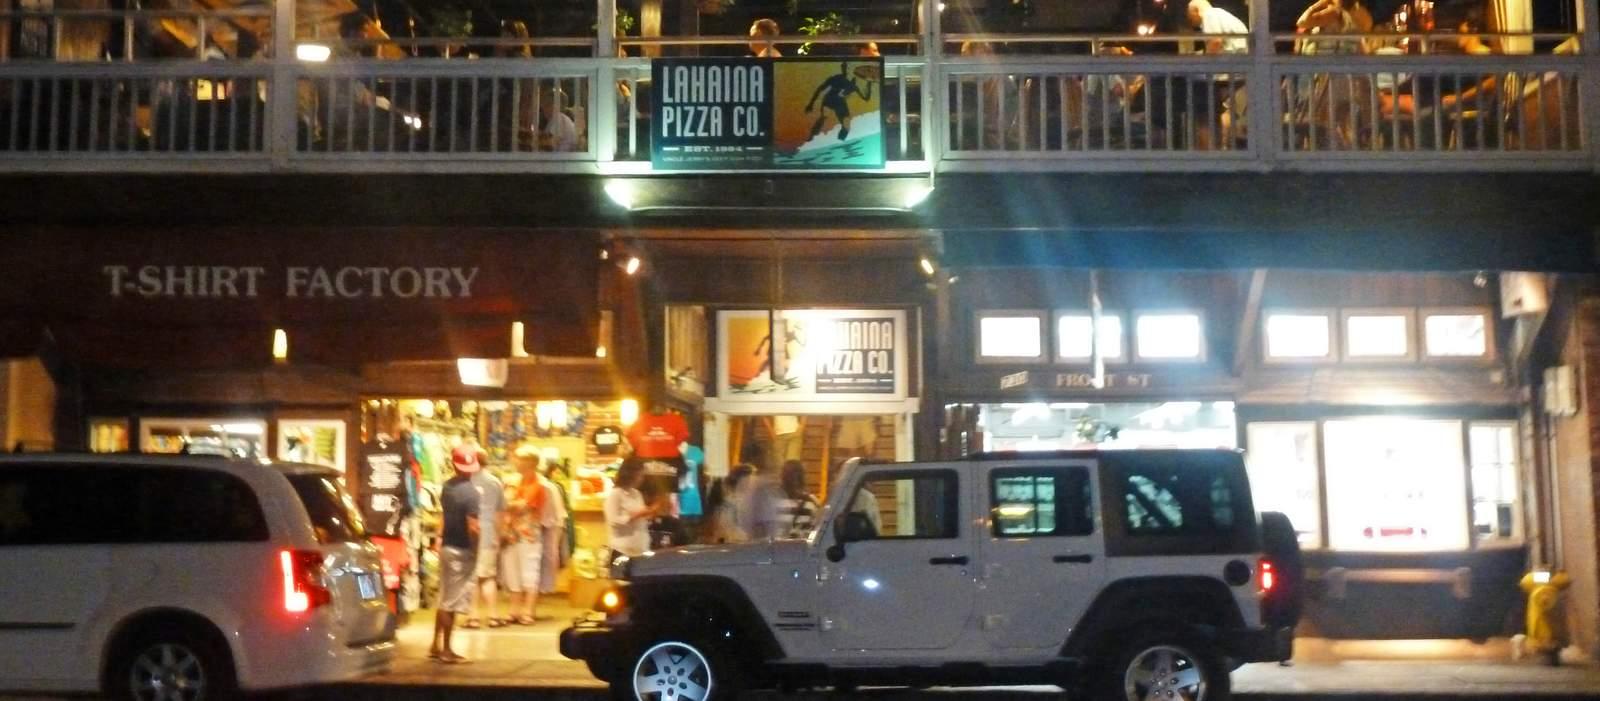 Lahaina Pizza Company